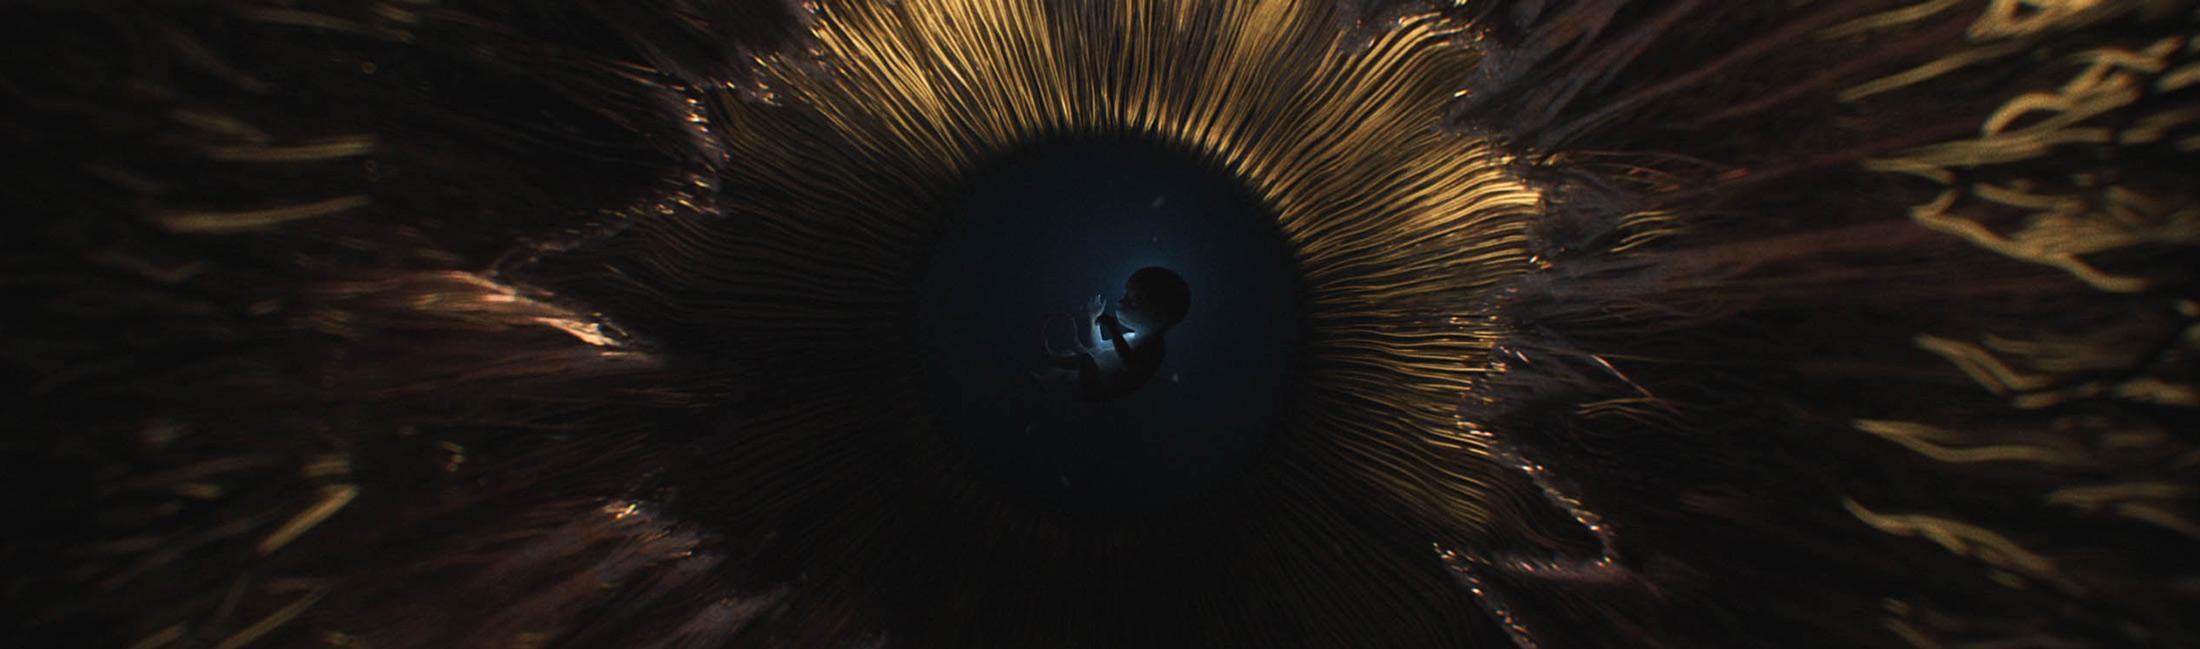 ashthorp-image-01